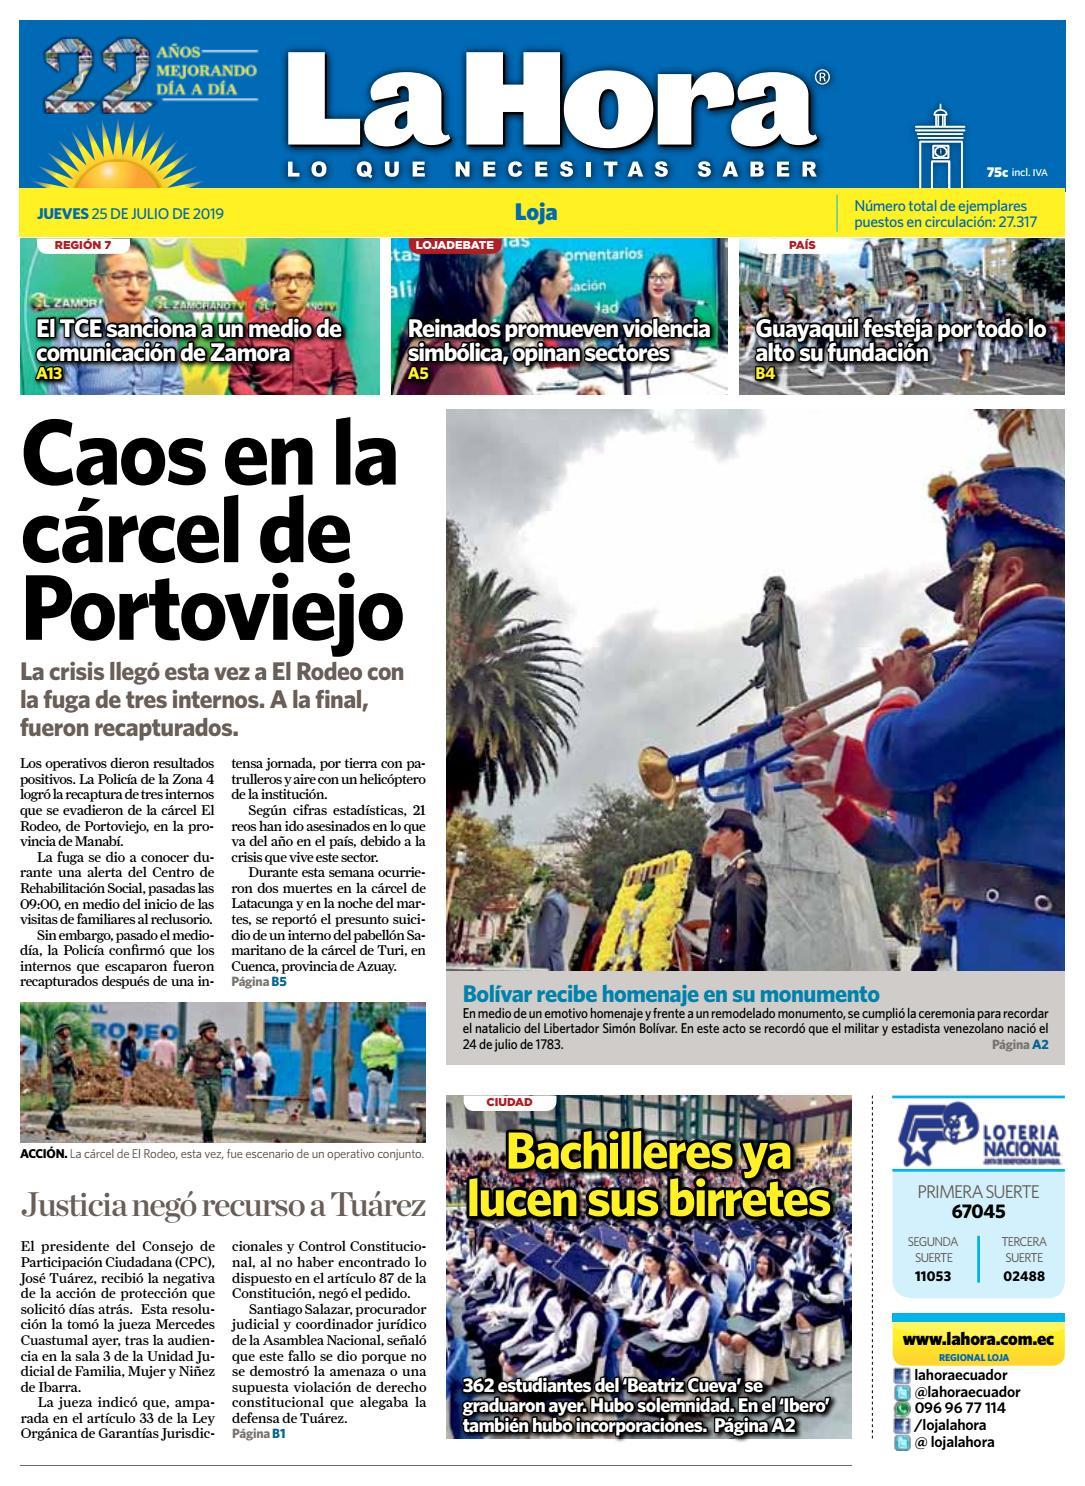 Citas Online Guayaquil Dispuesto 328398